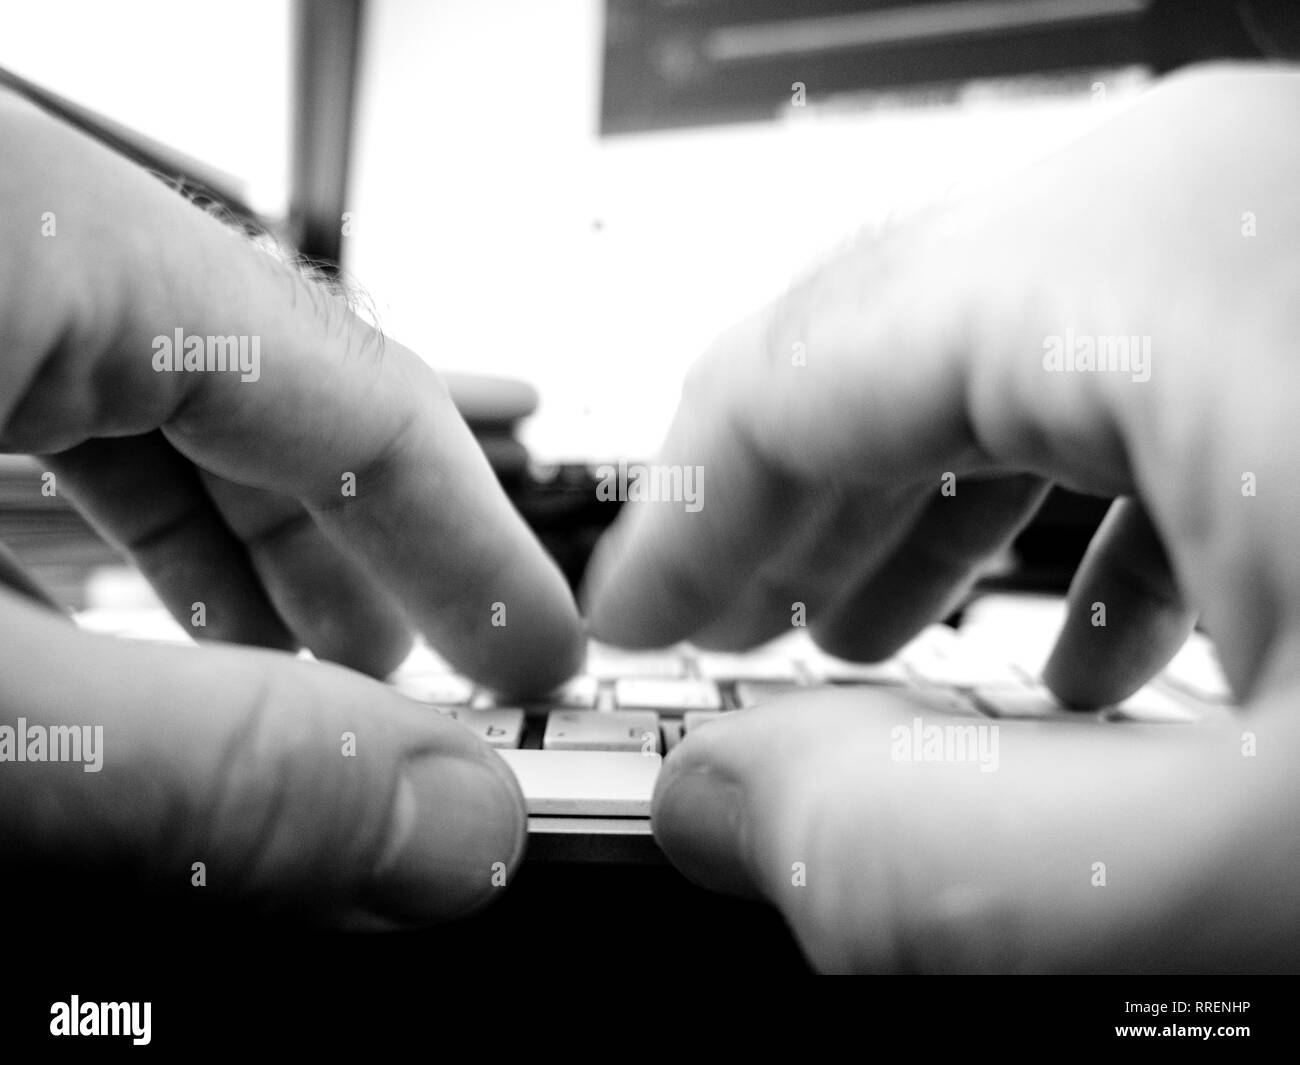 Manos masculinas una escritura rápida trabajando en teclado de ordenador escrito reproduciendo con equipo moderno con tapas blancas y cirílico y caracteres ingleses - blanco y negro Foto de stock